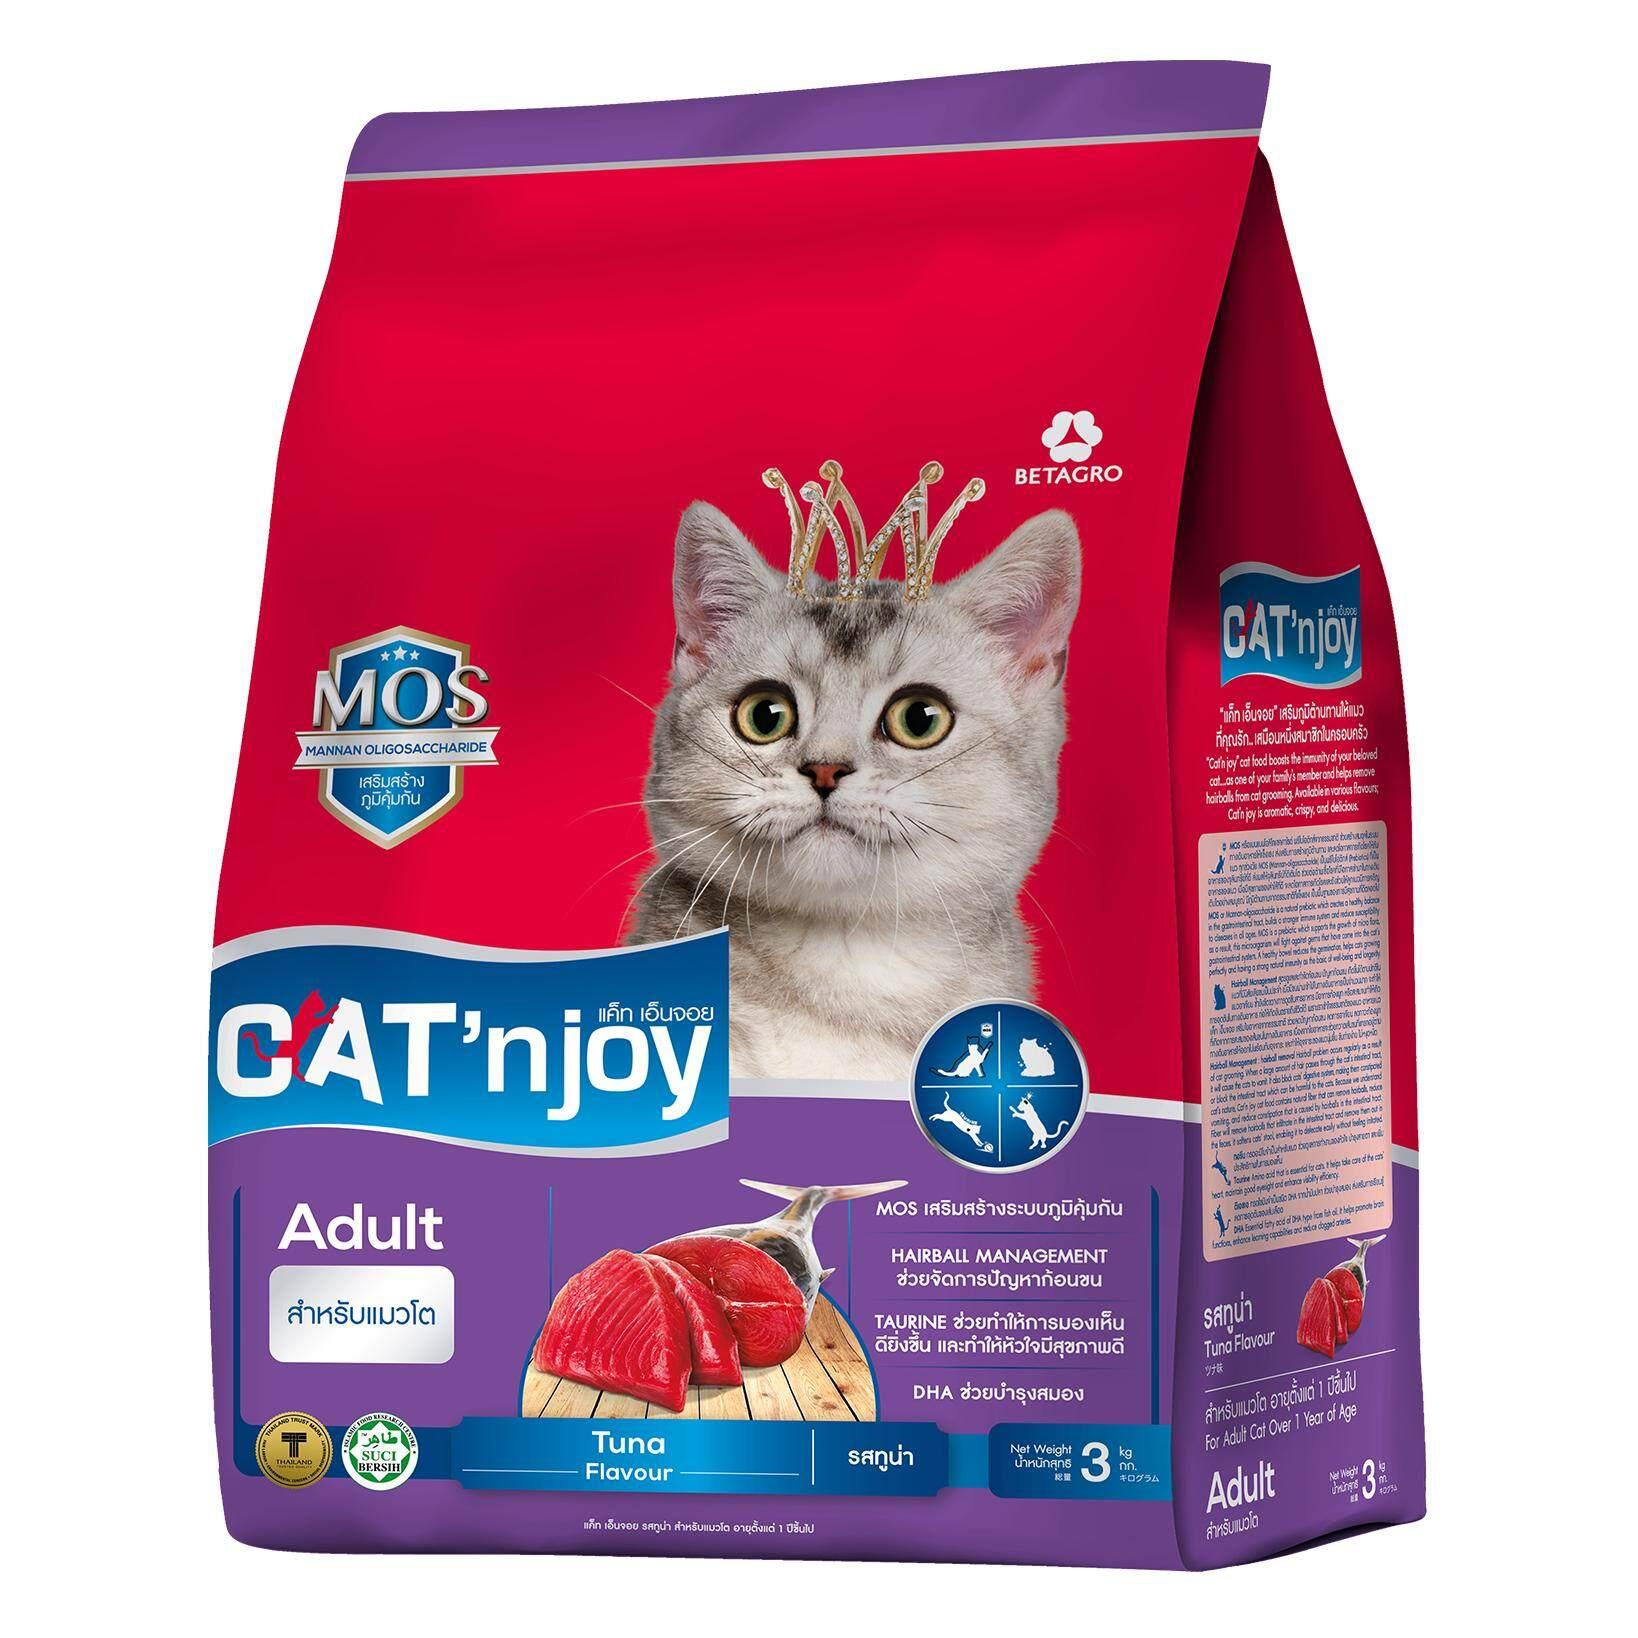 ราคา Cat N Joyอาหารเเมวโตทุกสายพันธุ์ รสทูน่า3กก Cat 'N Joy